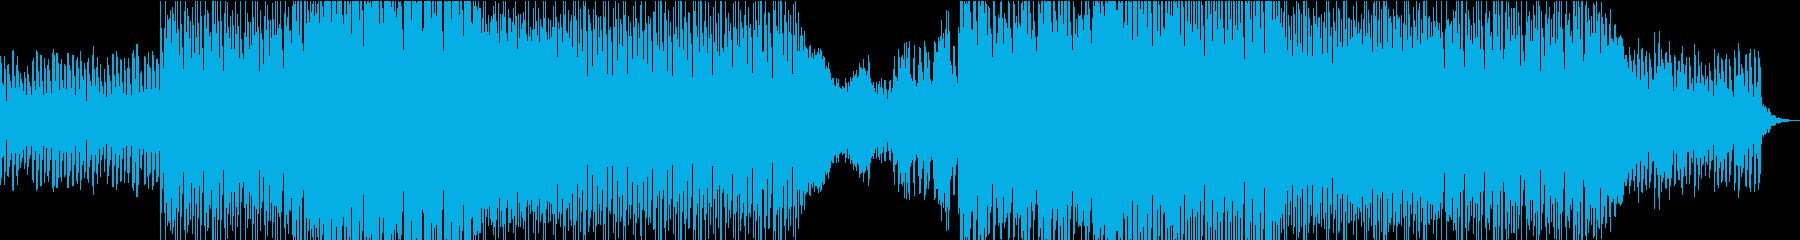 明るくファンキーなエレクトロダンスポップの再生済みの波形